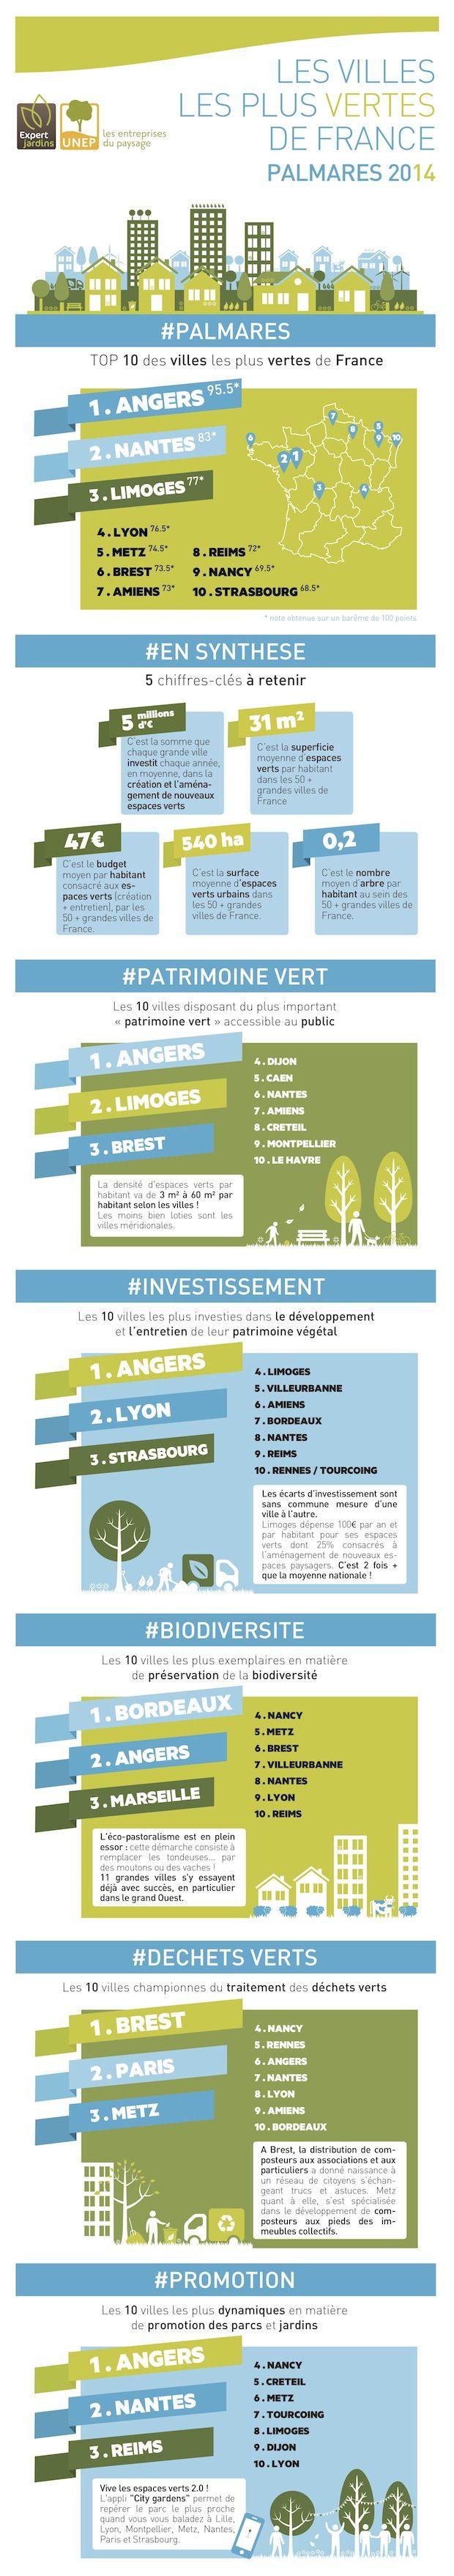 [Infographie] Top 10 des villes les plus vertes de France